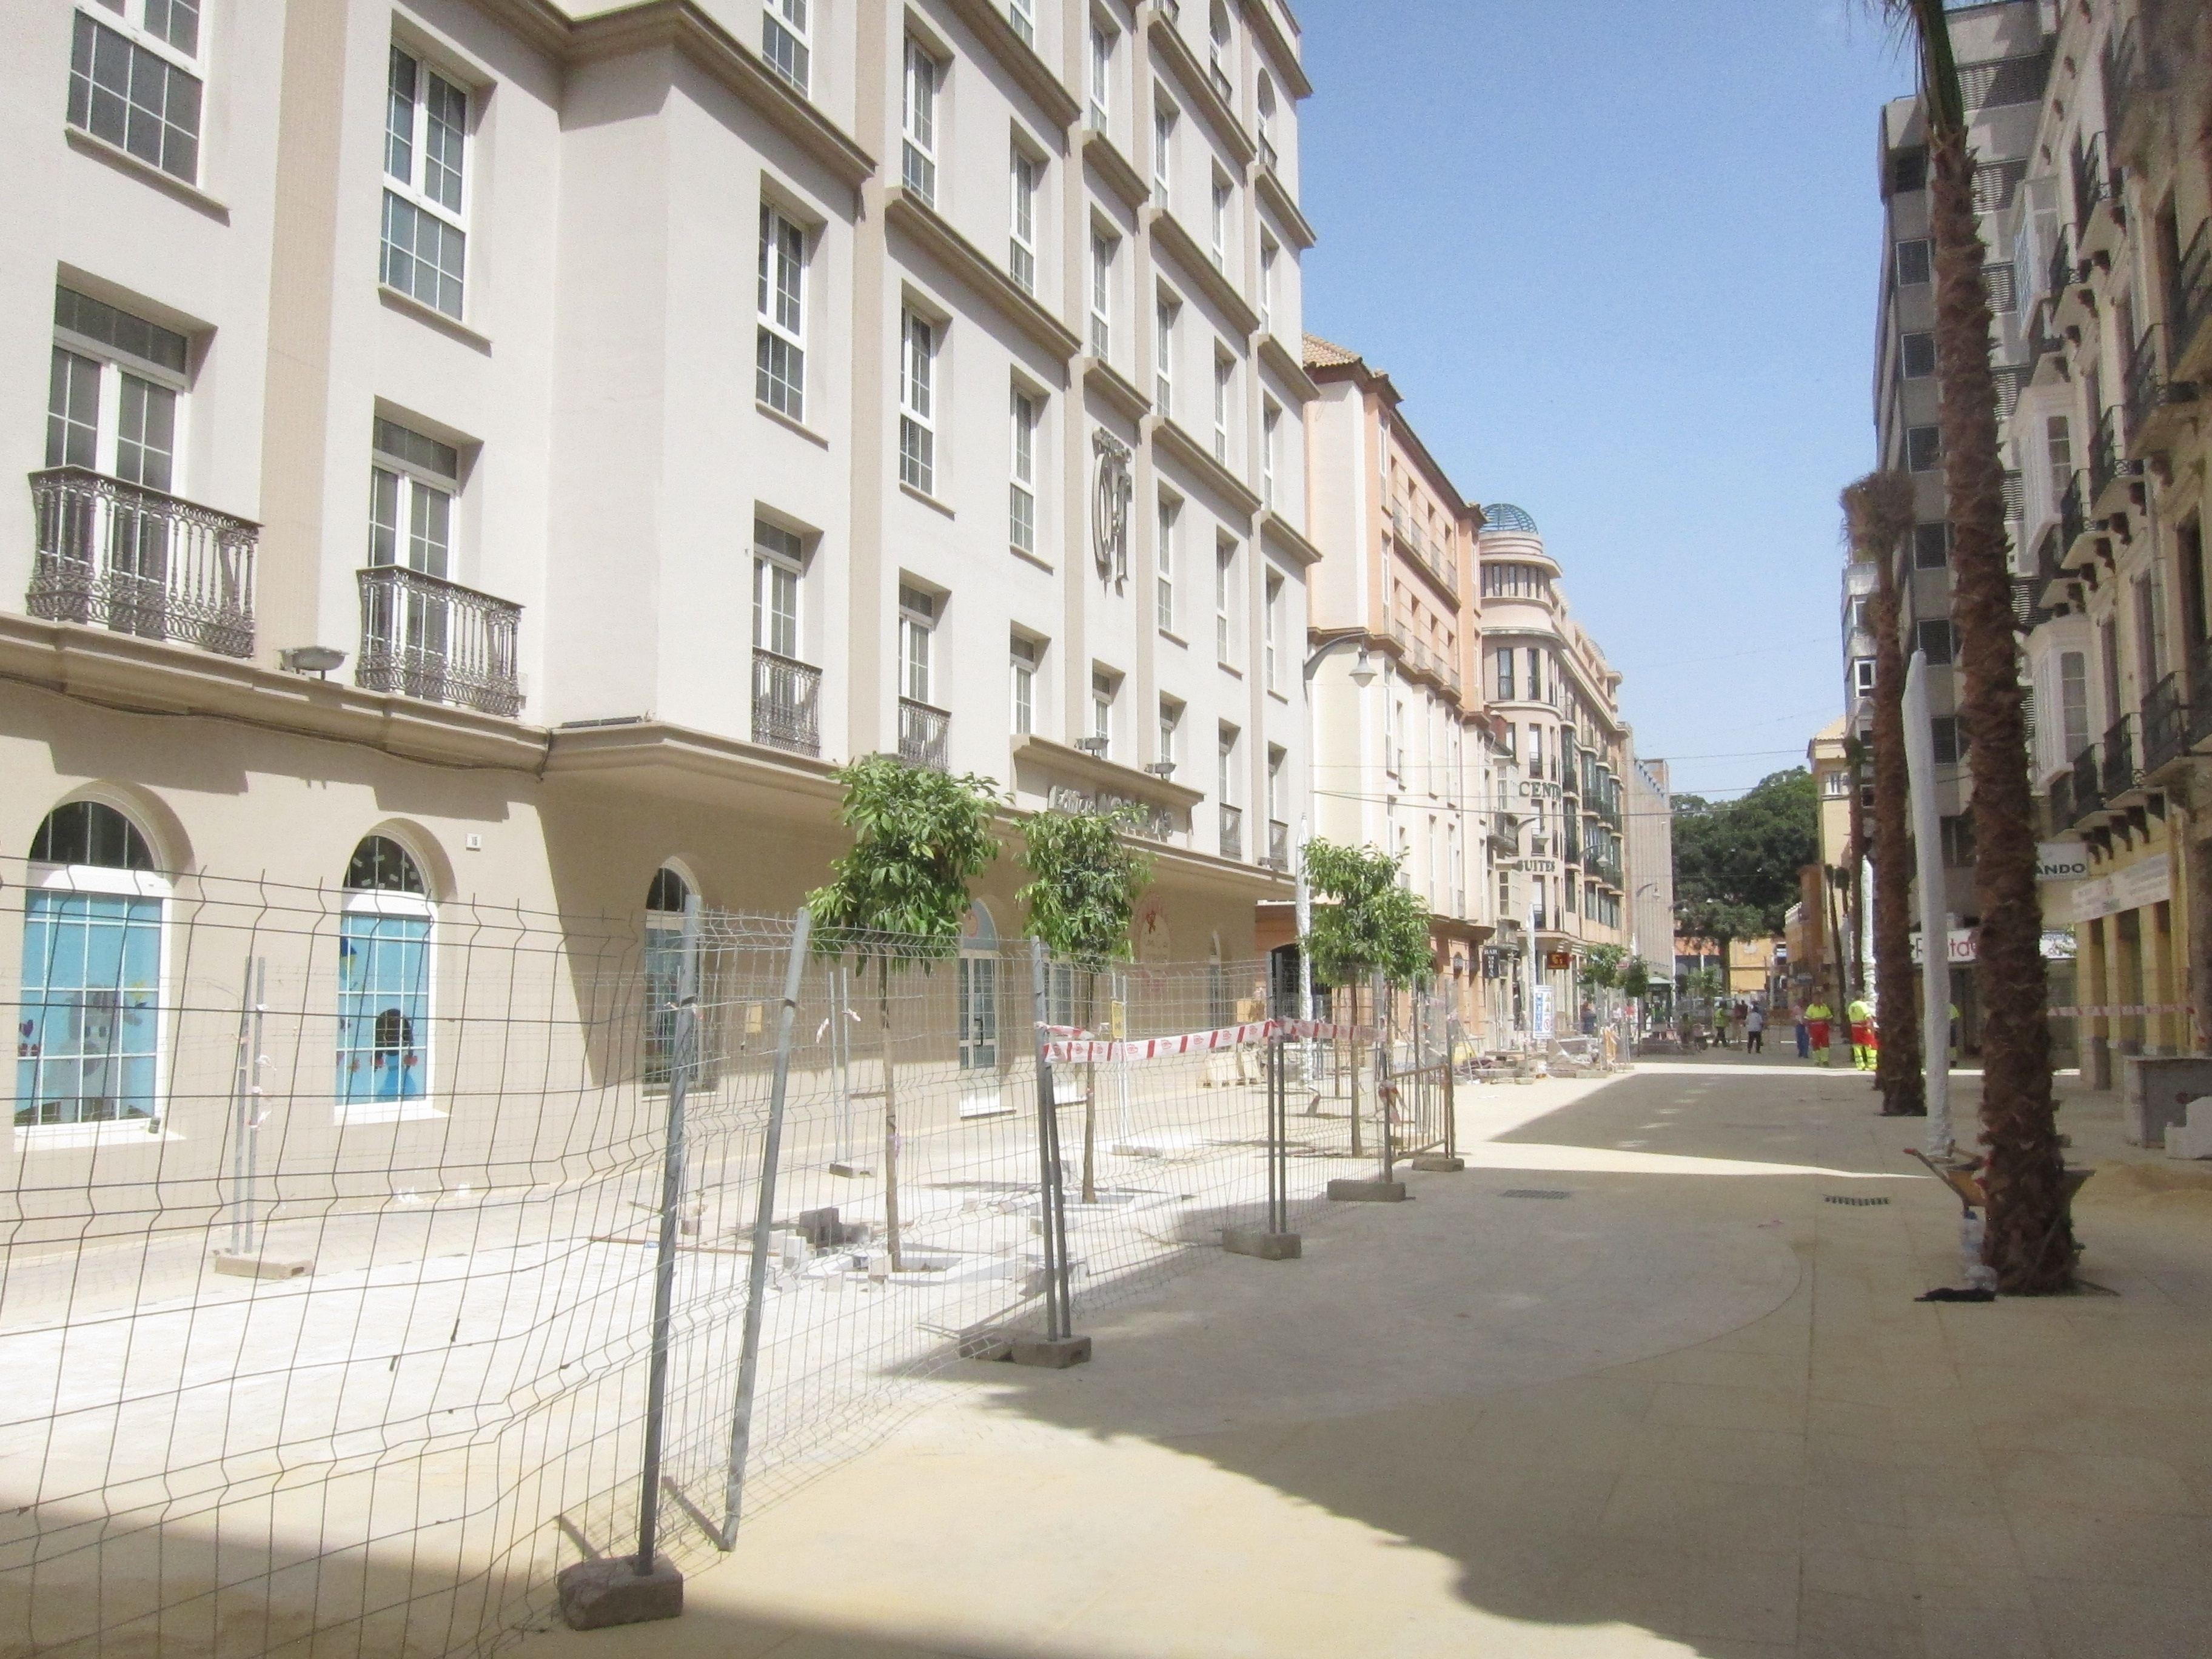 Ayuntamiento continúa la recuperación integral del ensanche  de Heredia ampliando los espacios públicos del Soho